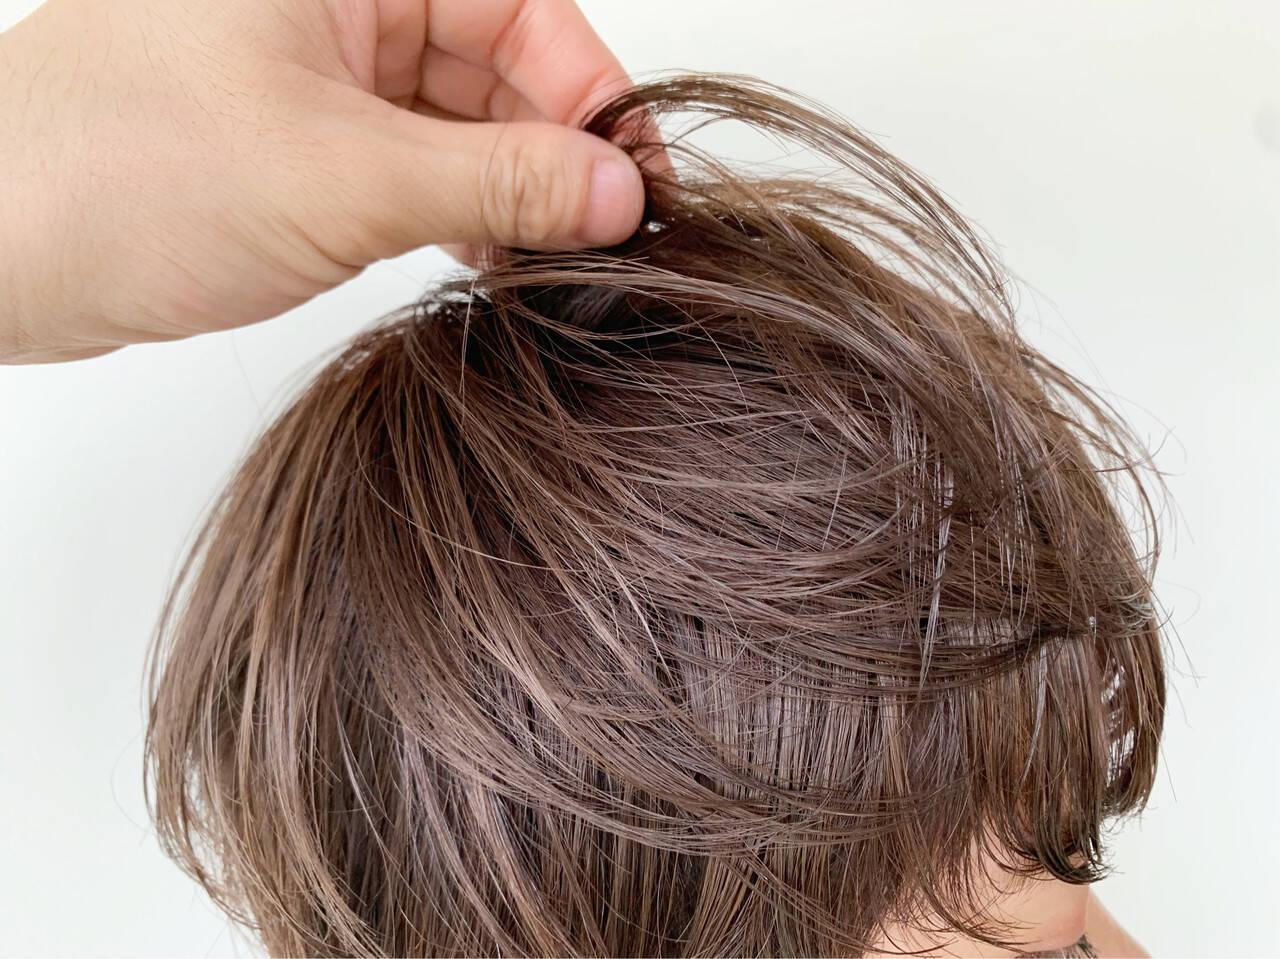 透明感カラー マッシュショート 外国人風カラー ショートボブヘアスタイルや髪型の写真・画像